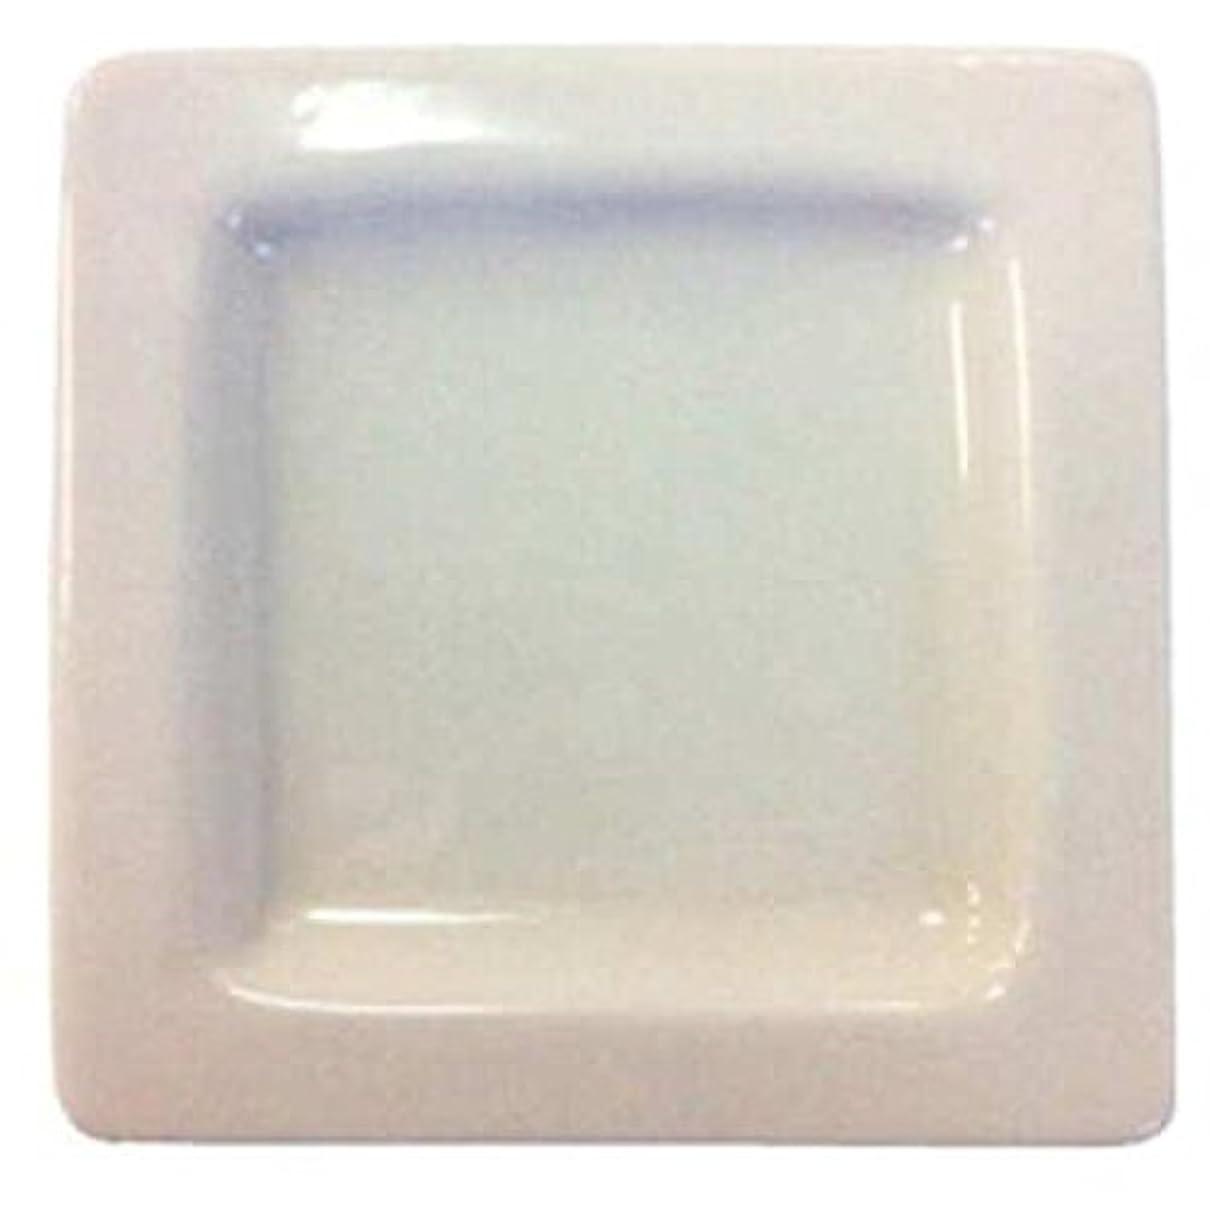 小包石灰岩混雑アロマランプLアイビー用 天面精油皿